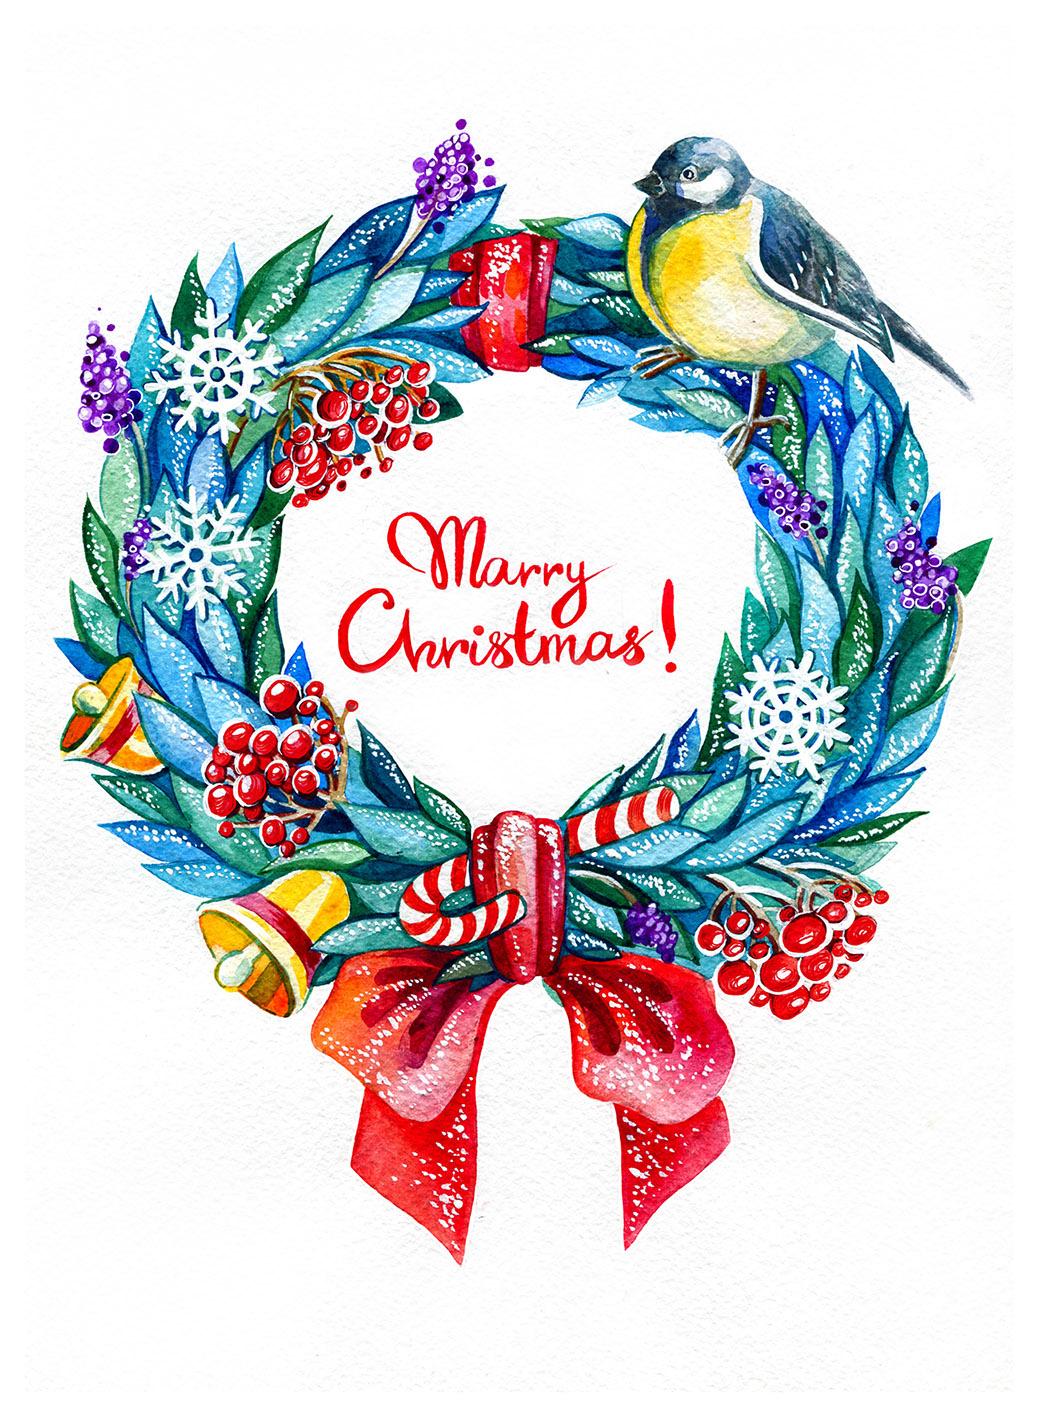 Merry Christmas! Щасливого Різдва!